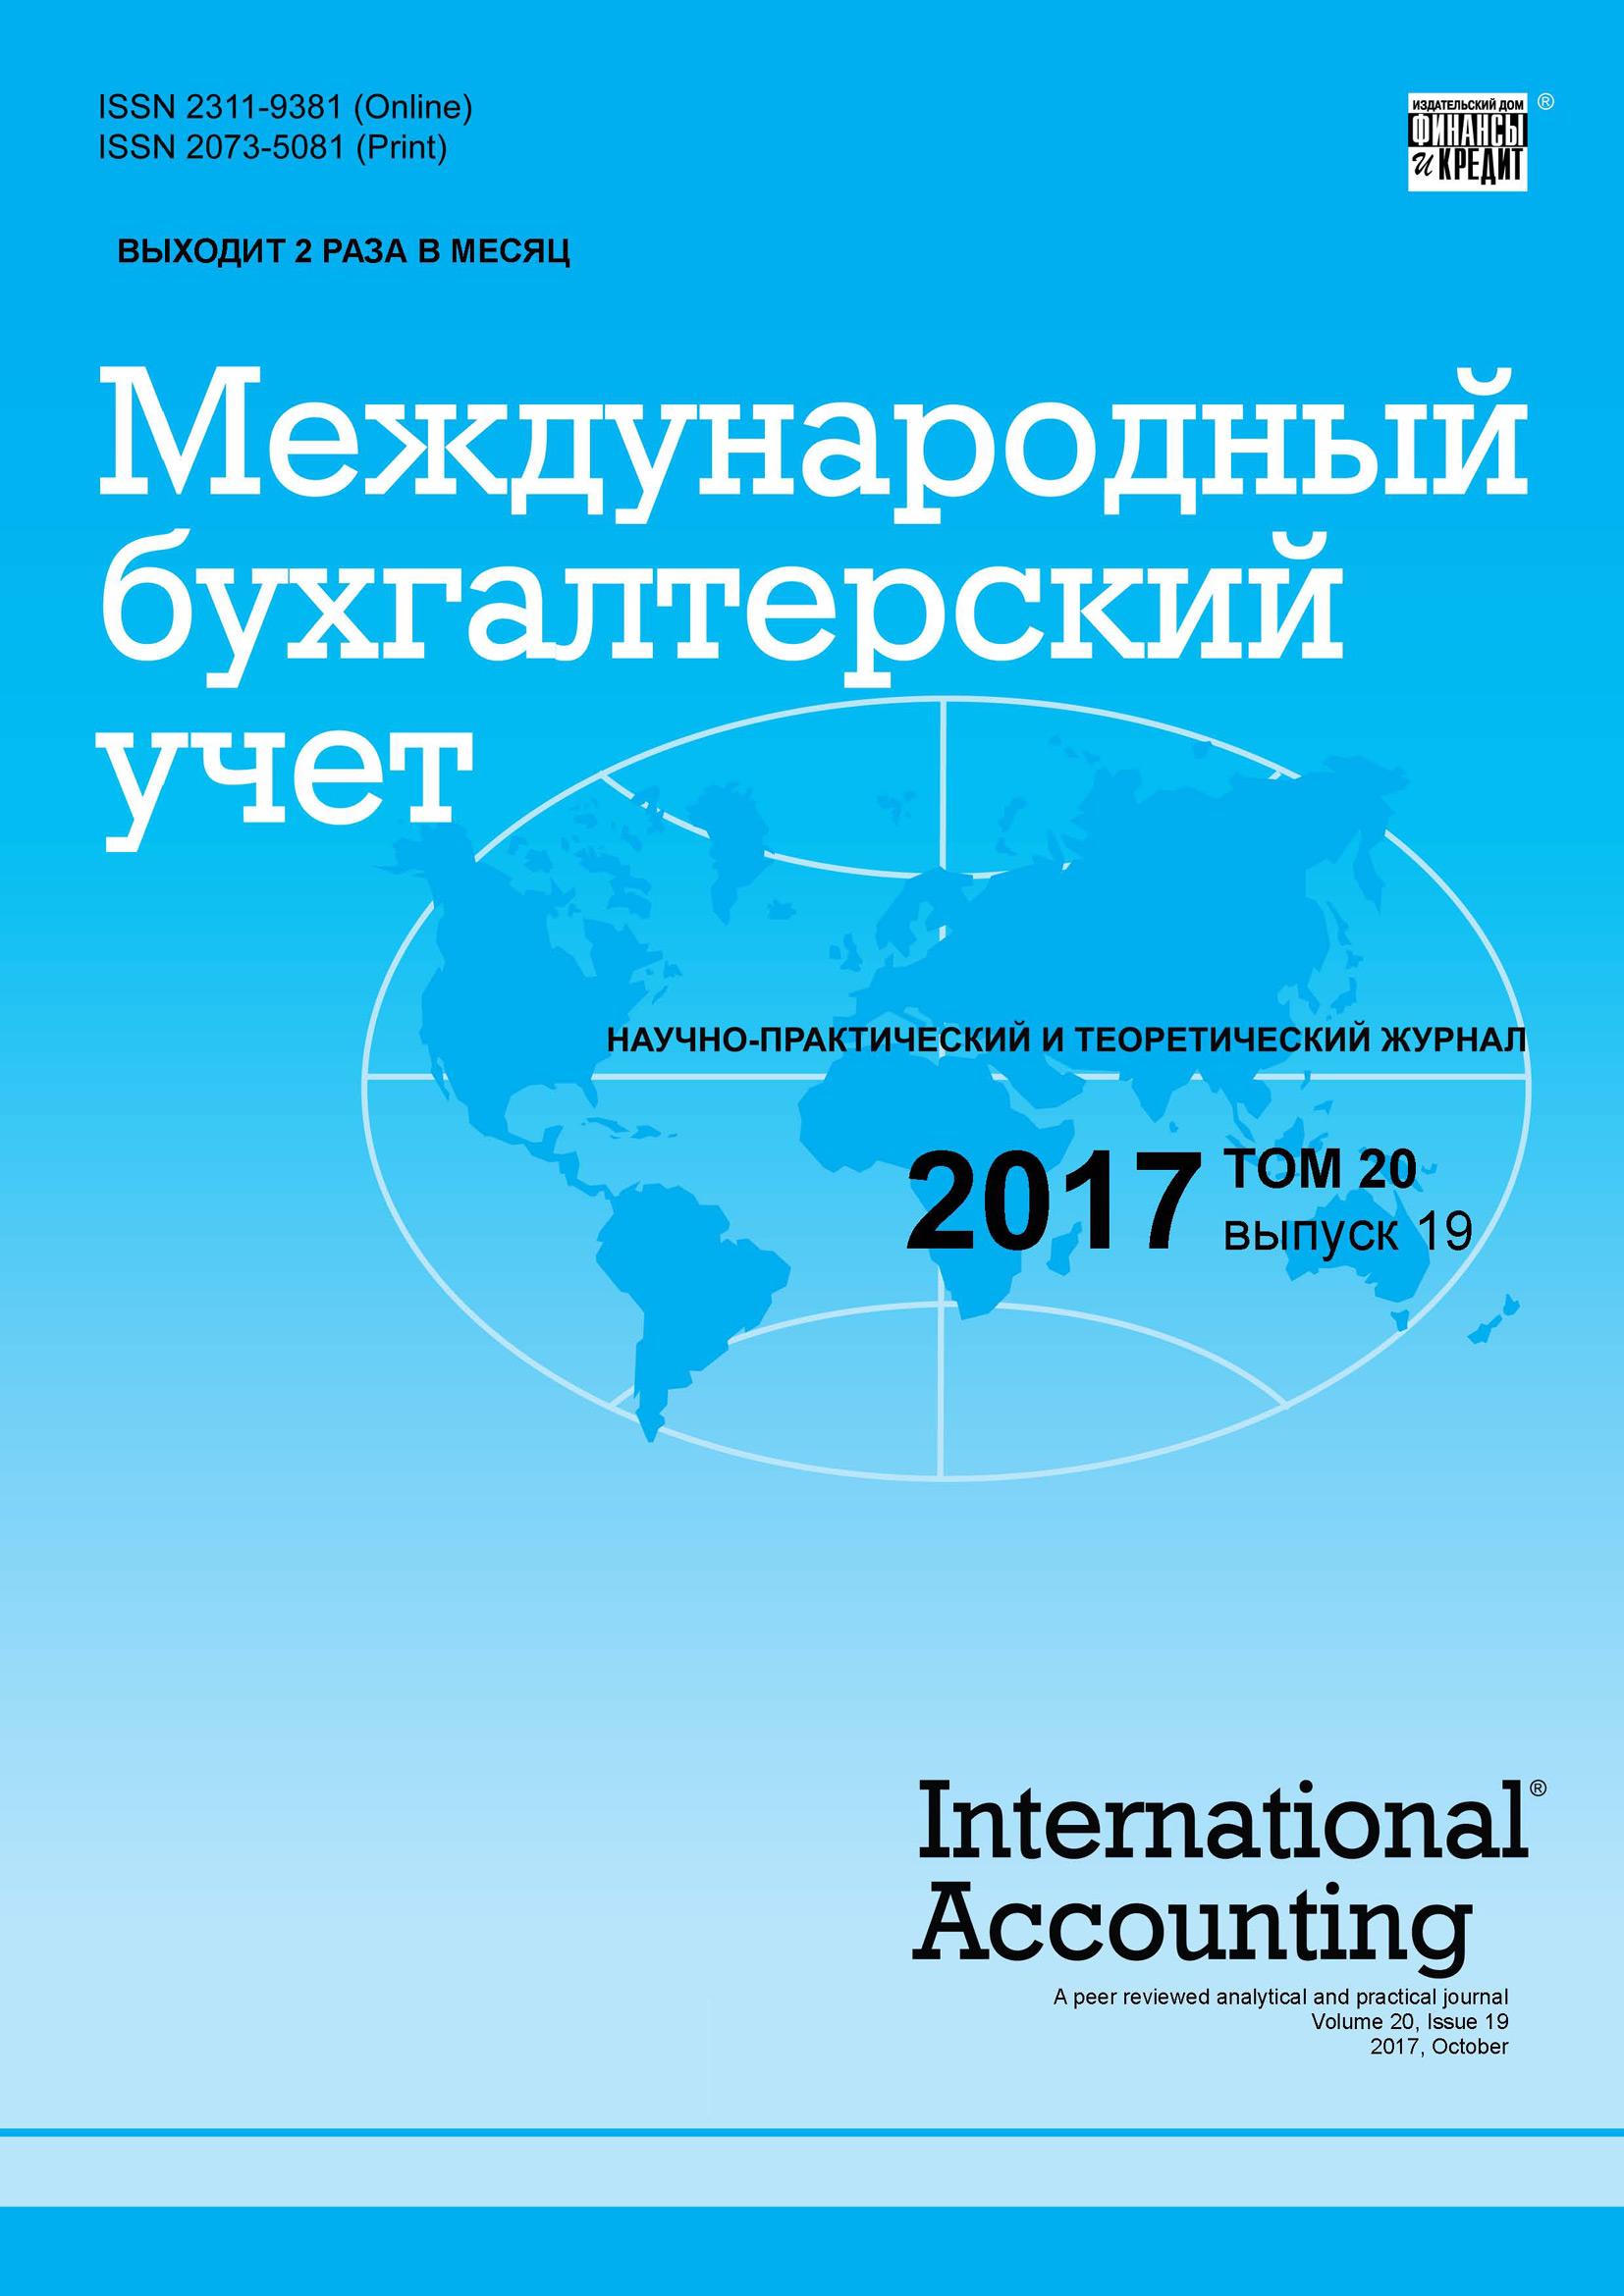 Международный бухгалтерский учет № 19 2017